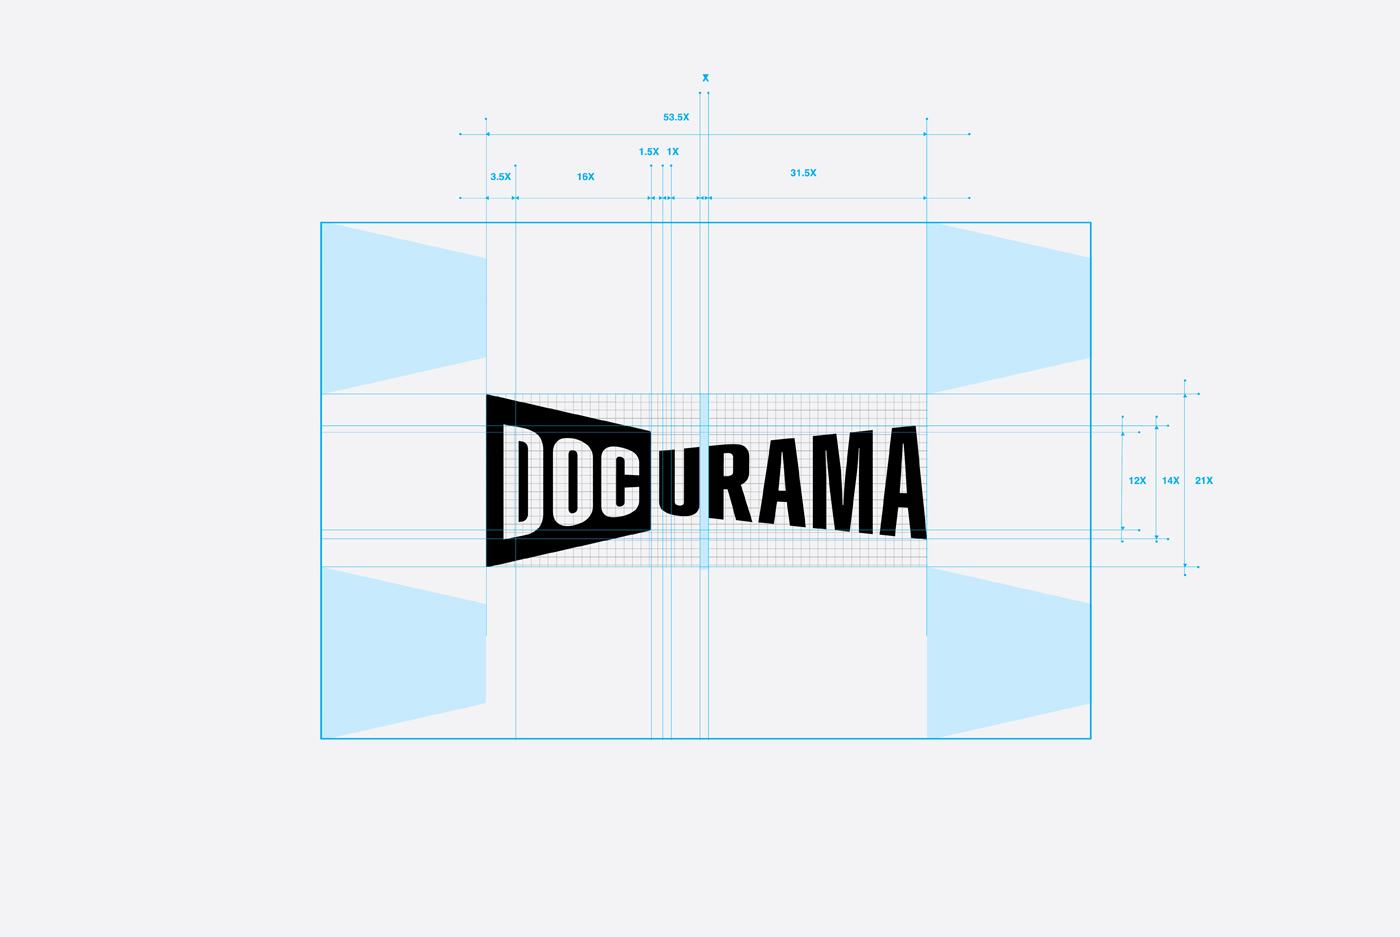 docurama-03